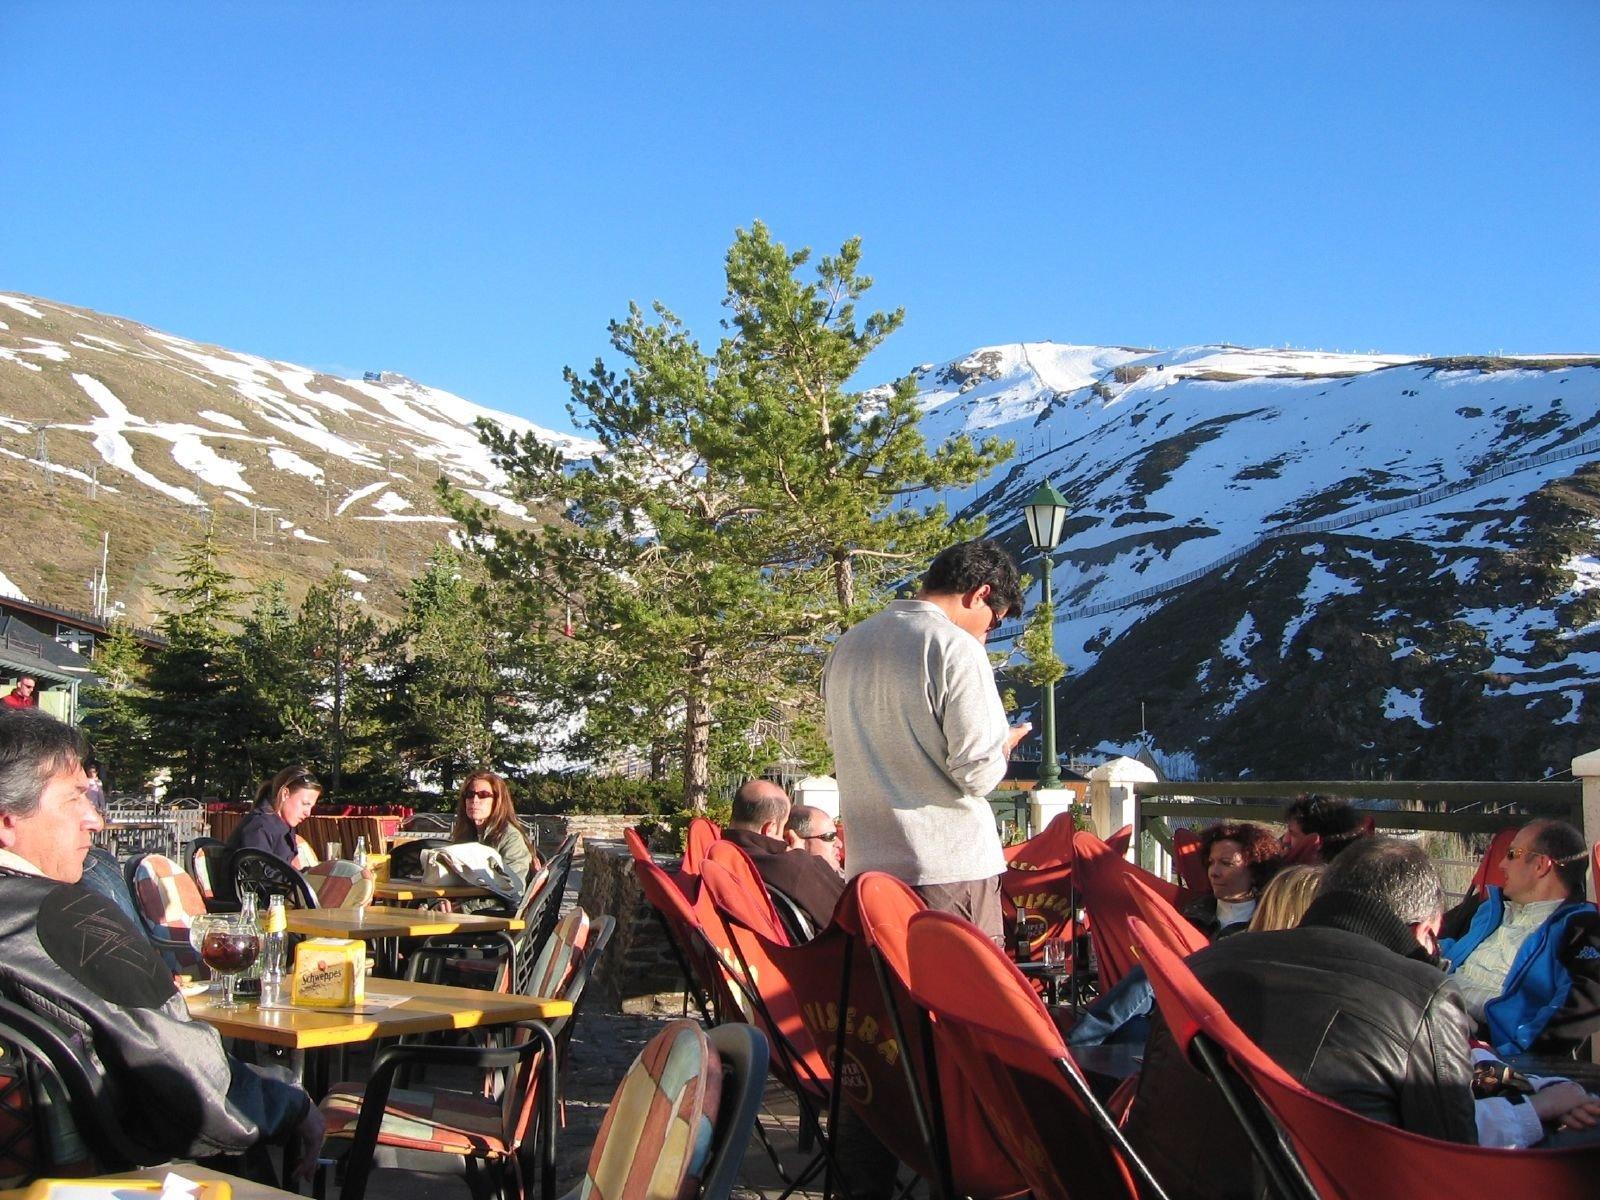 Los bares y restaurantes de Sierra Nevada podrán ampliar sus terrazas mientras dure la crisis